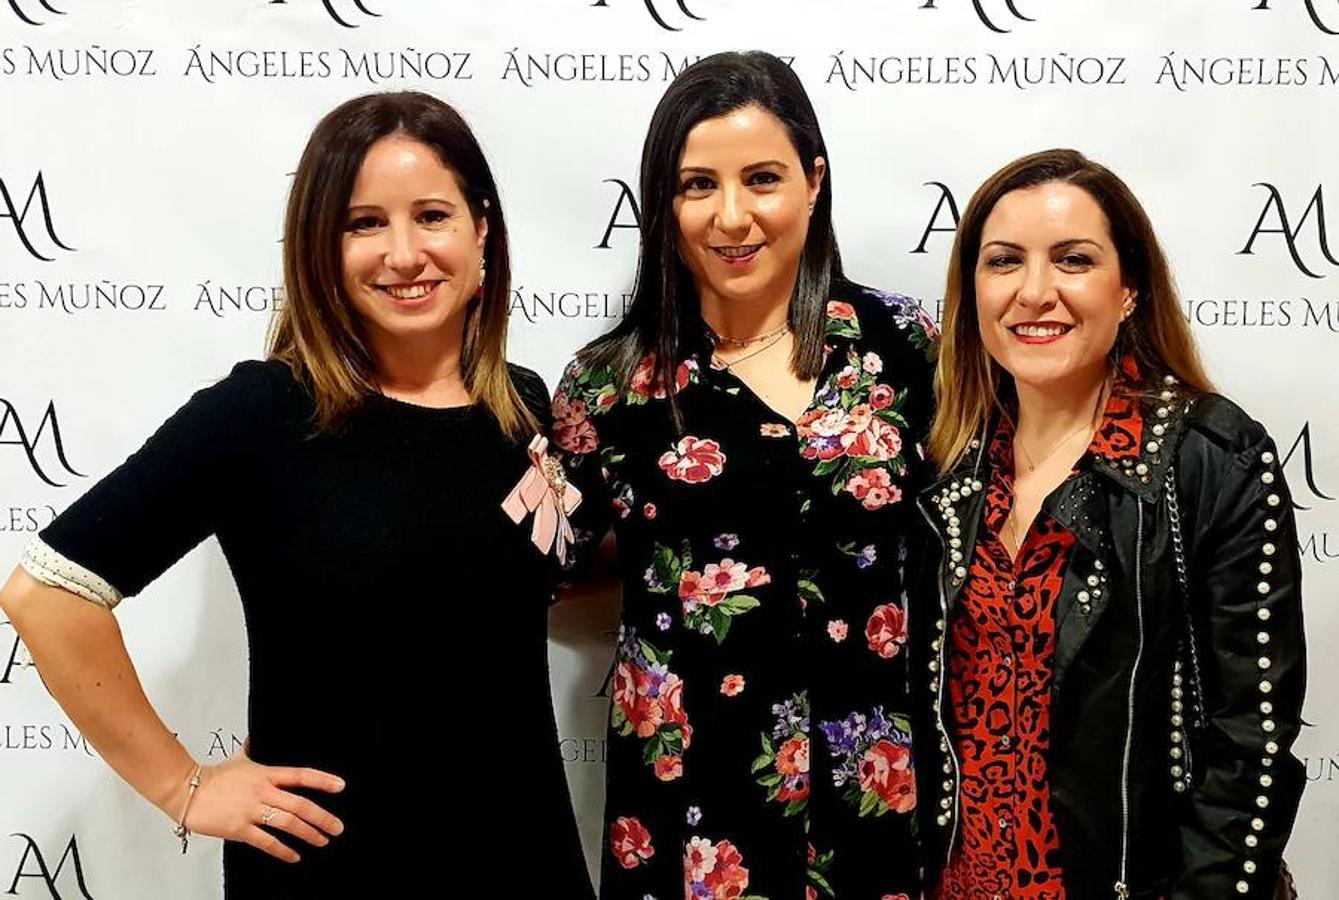 Colores vivos y tejidos vaporosos en el desfile de primavera de Ángeles Muñoz